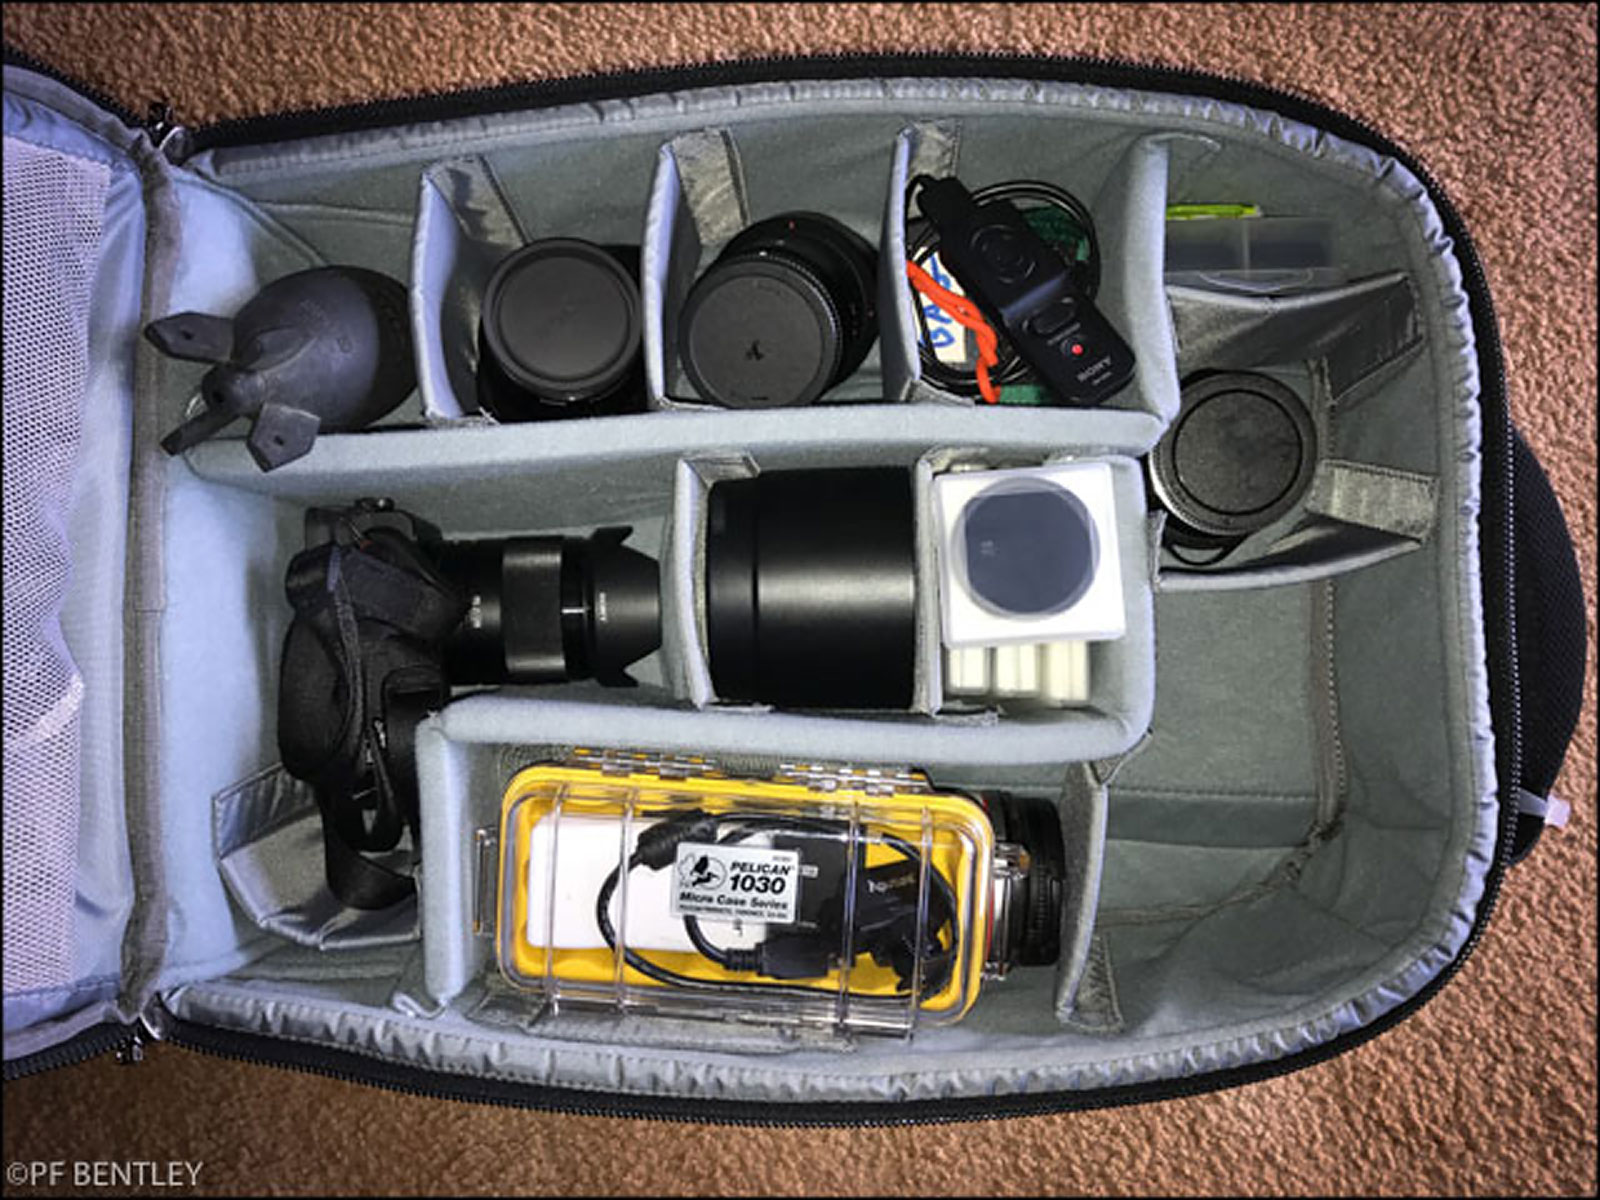 PF Bentley's Camera Bag